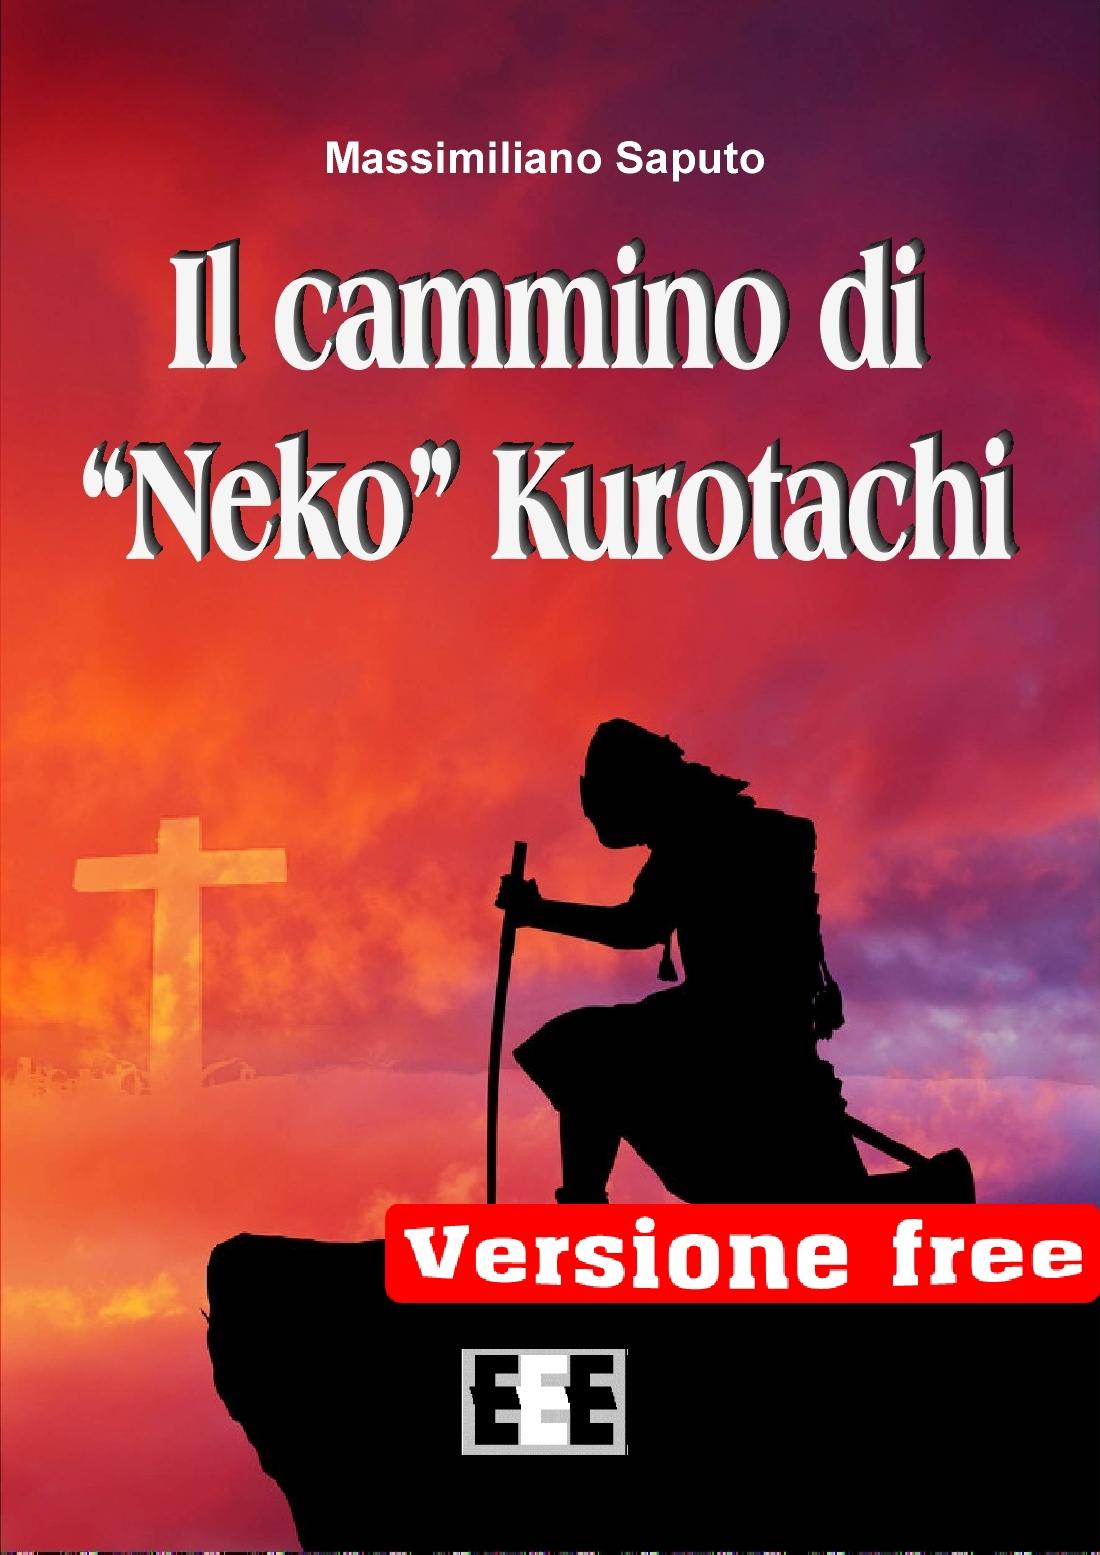 IL CAMMINO DI NERO KUROTACHI